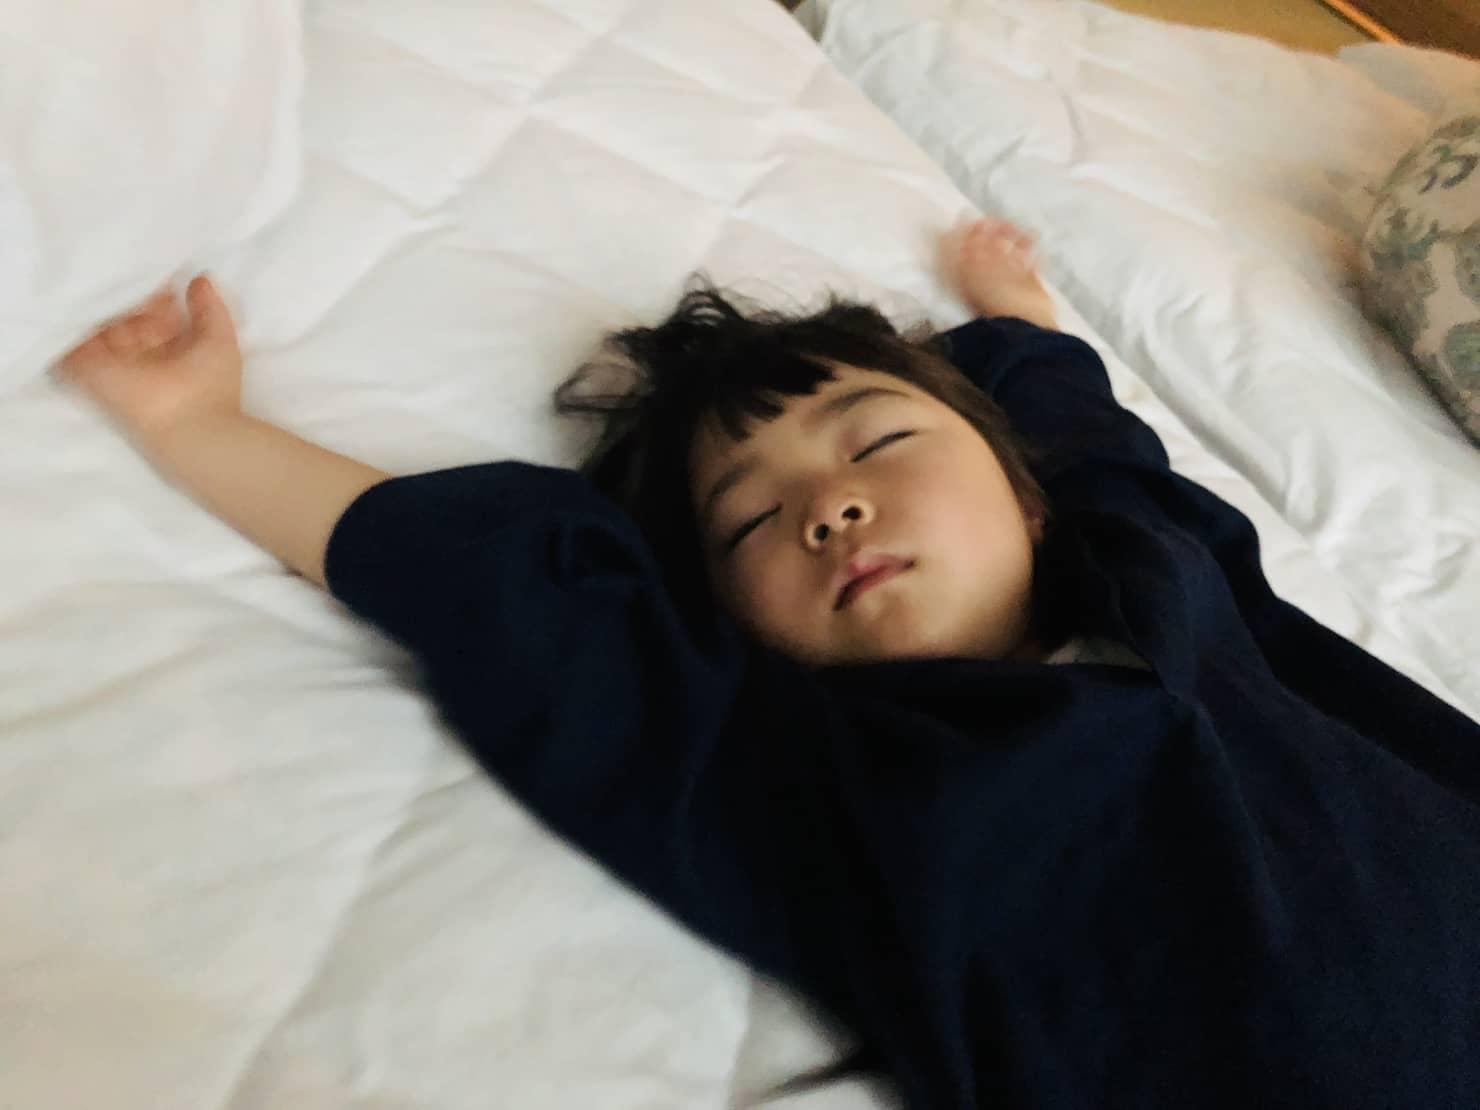 子供の寝相が悪い理由は? 体勢によってストレスや病気が関係してる?